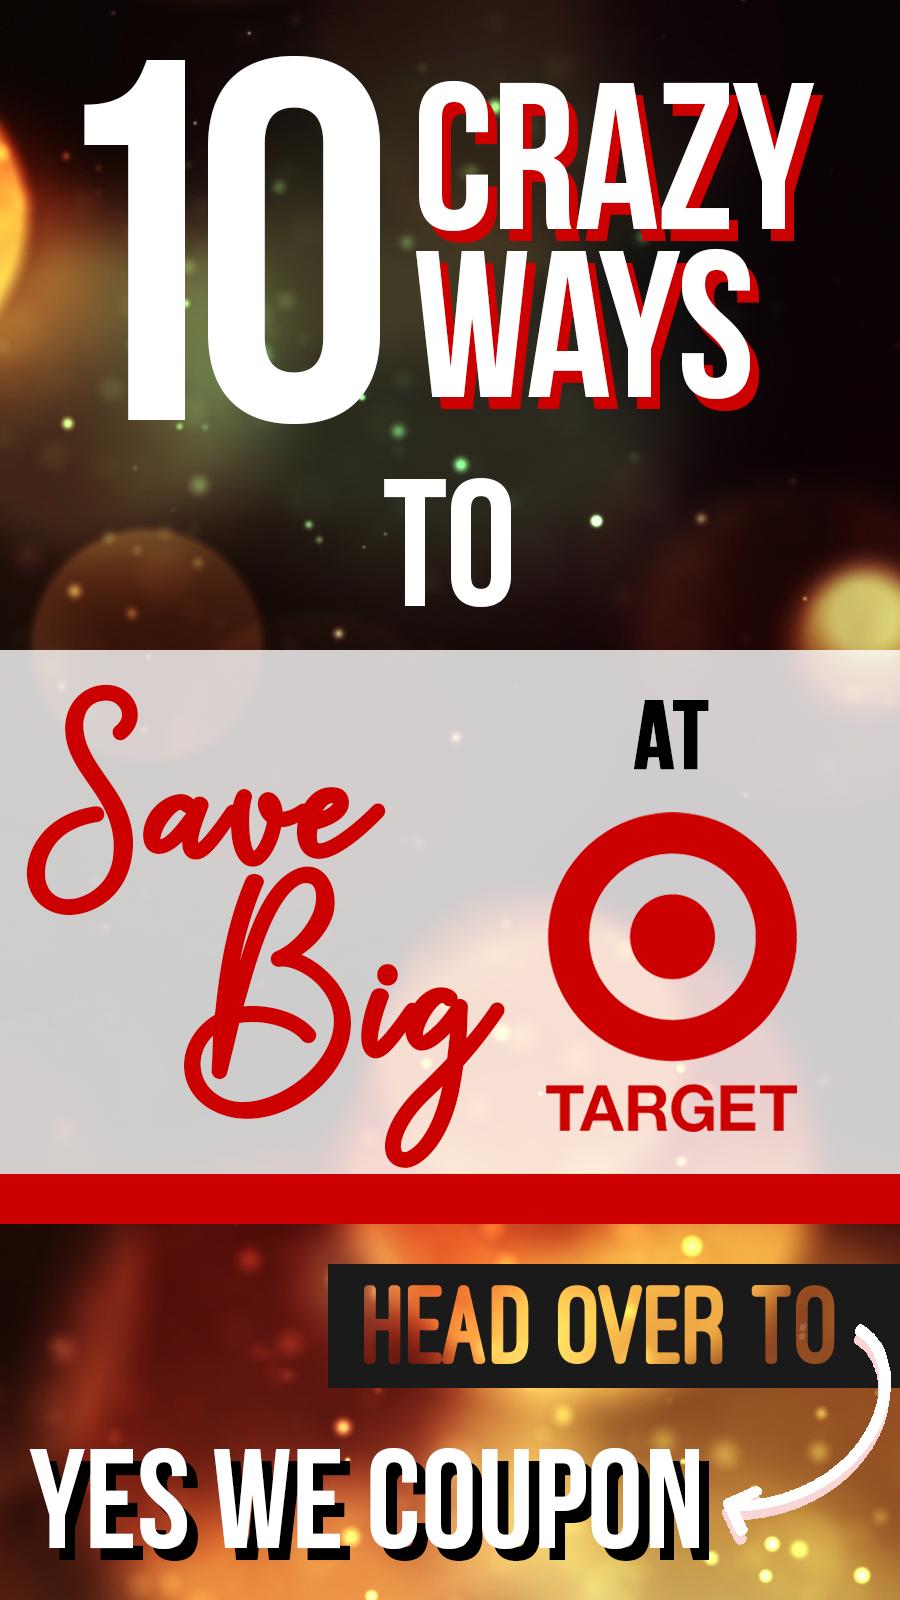 How To Coupon at Target 10 Crazy Ways to Save! Target